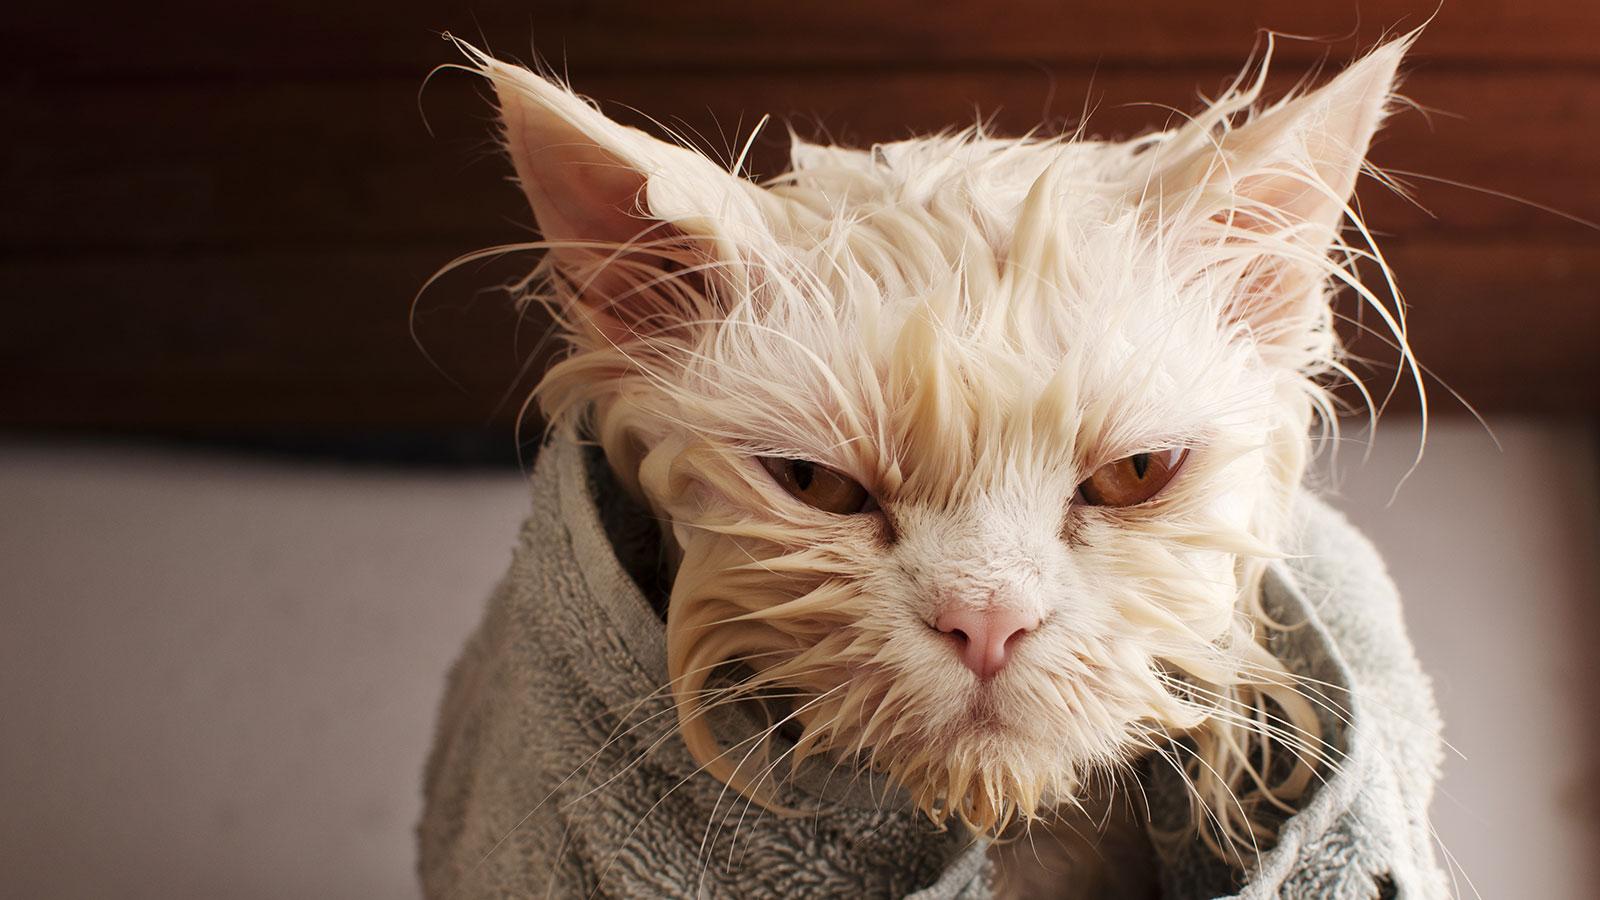 Wet cat after bath